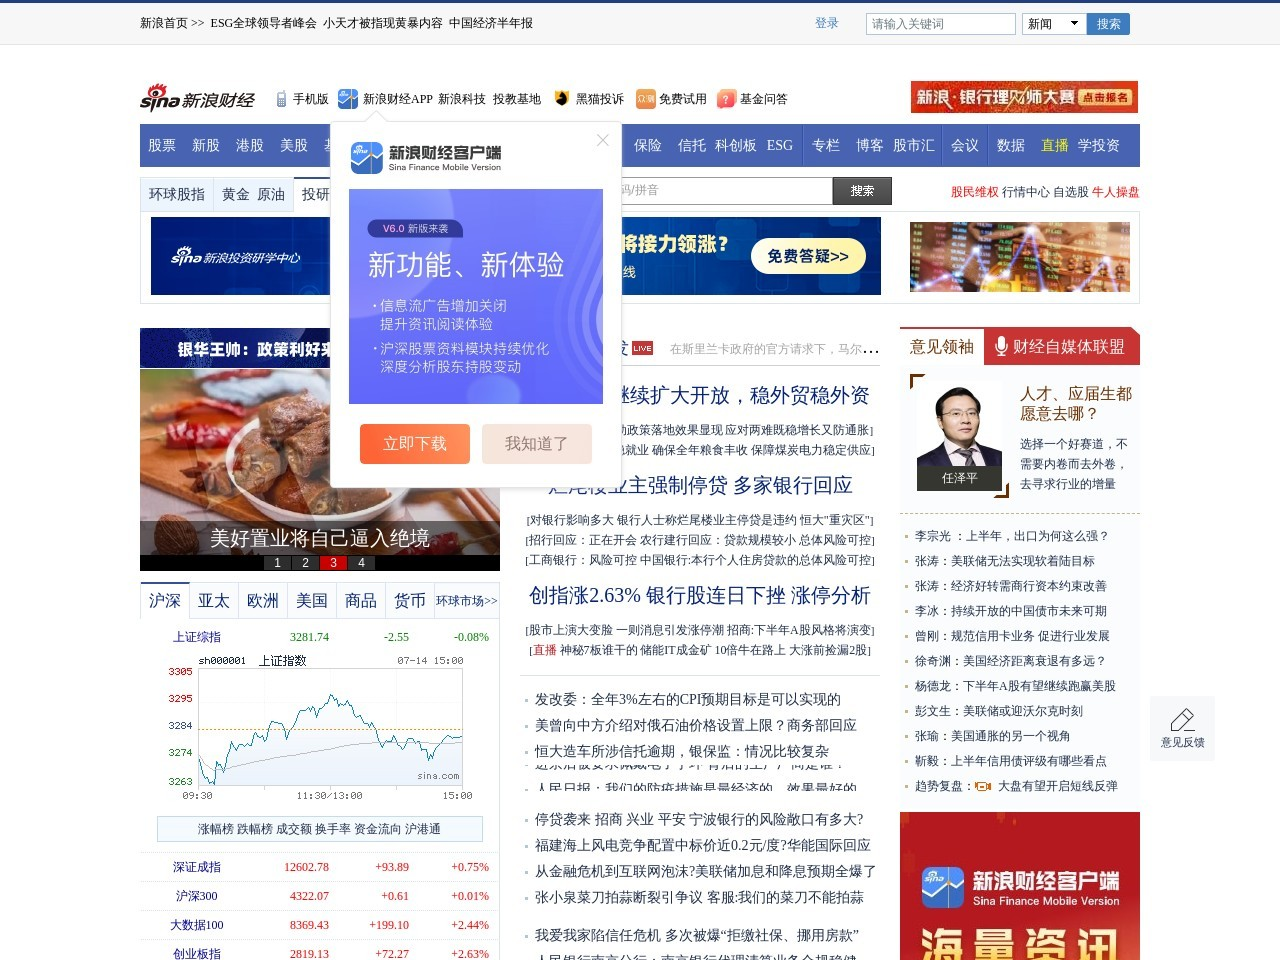 中国社科院报告:2021年中国GDP增速预计达到8%左右 债务_新浪财经_新浪网